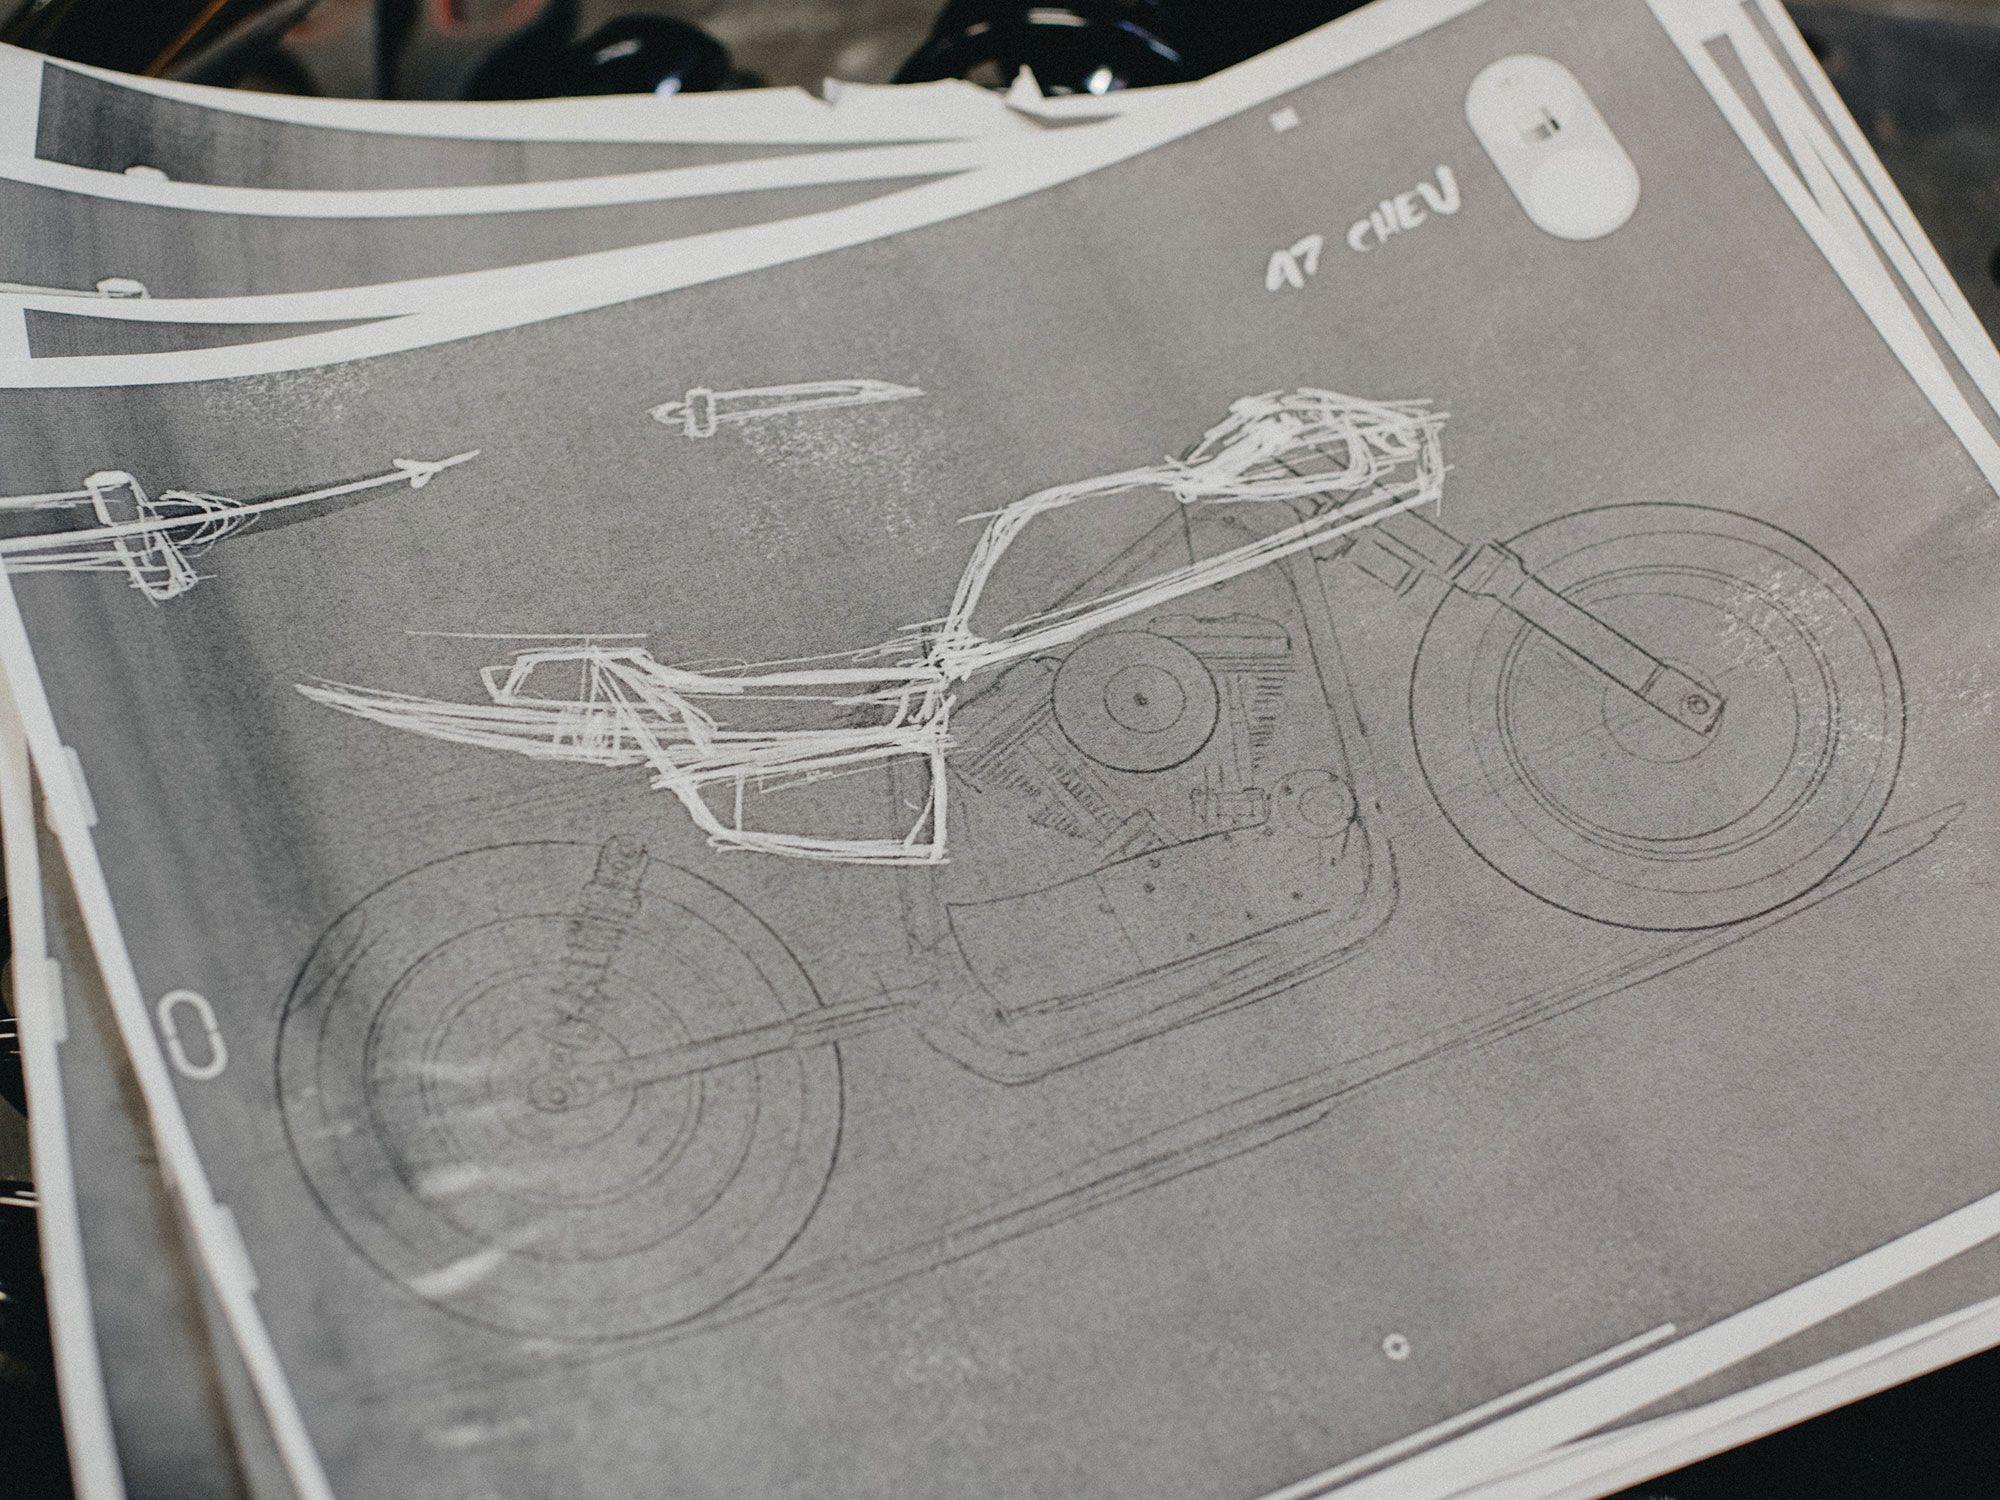 Vroege schetsen voor de Sportster build.  Sommige bouwers gaan liever direct naar de vorm, anderen zien het liever eerst op papier.